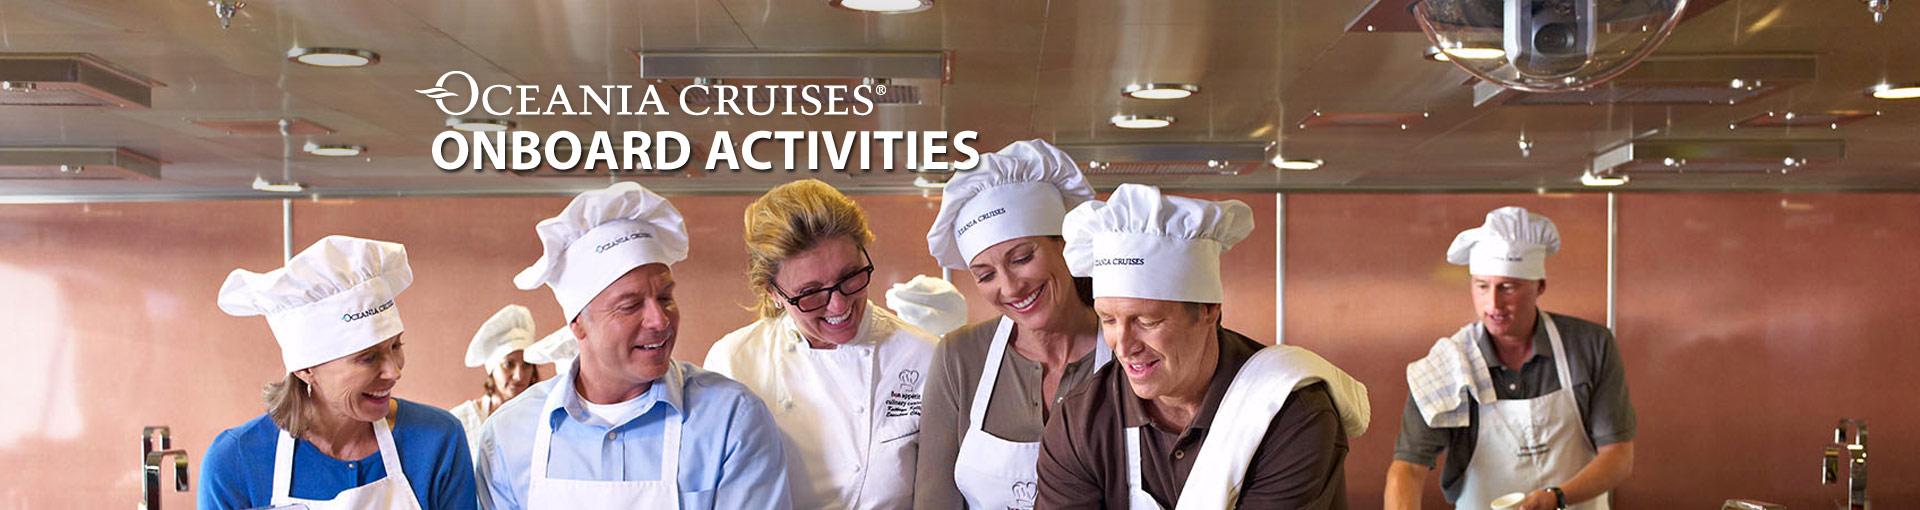 Oceania Cruises Onboard Activities